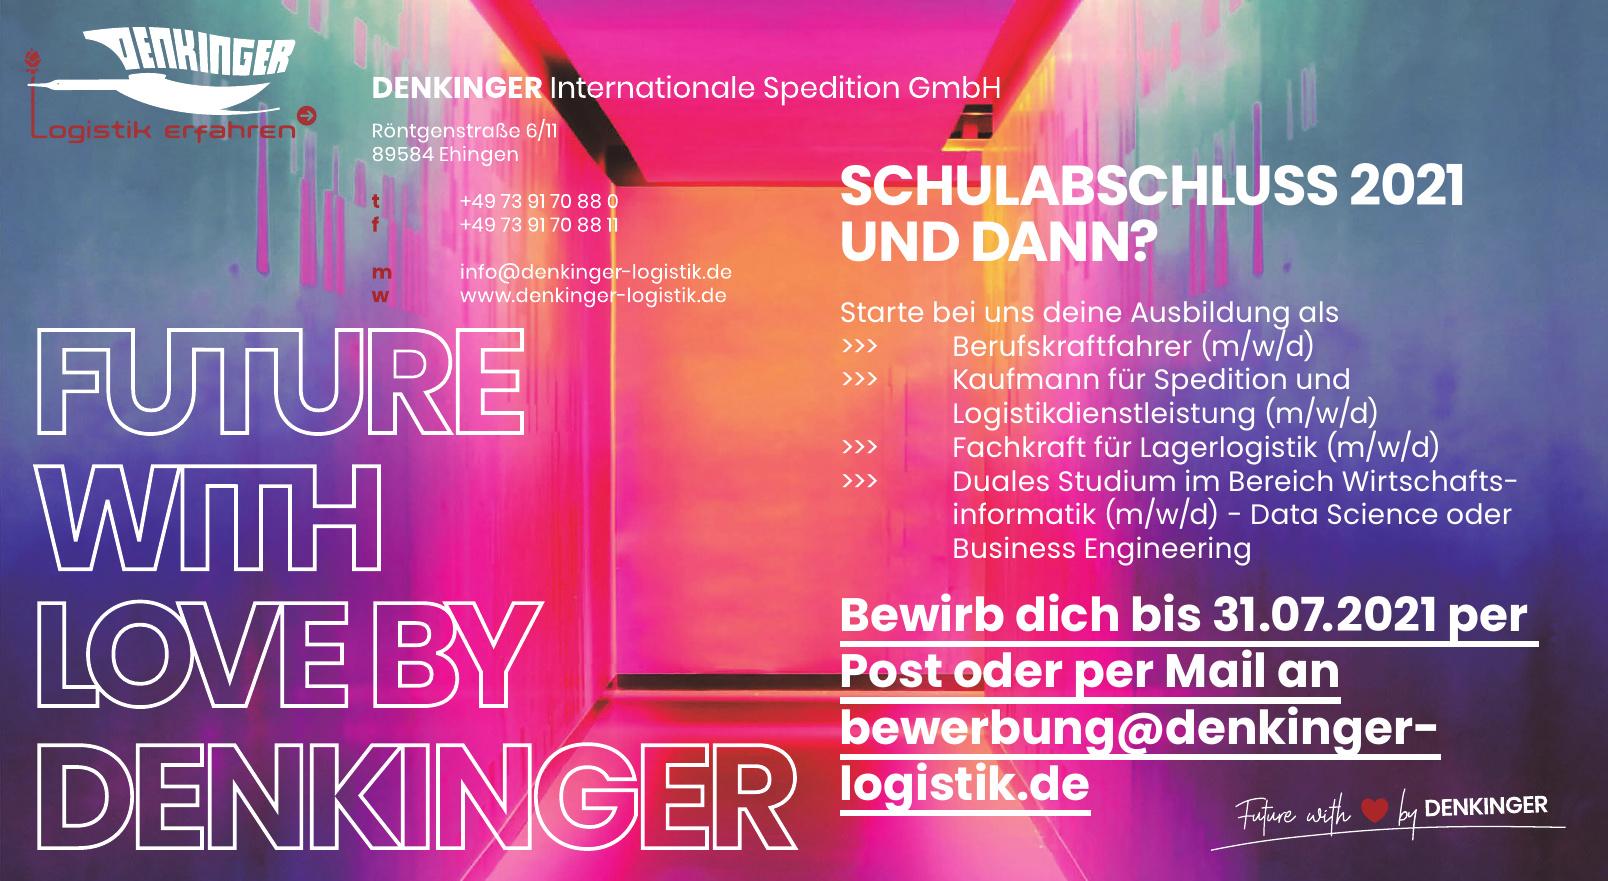 Denkinger Internationale Spedition GmbH